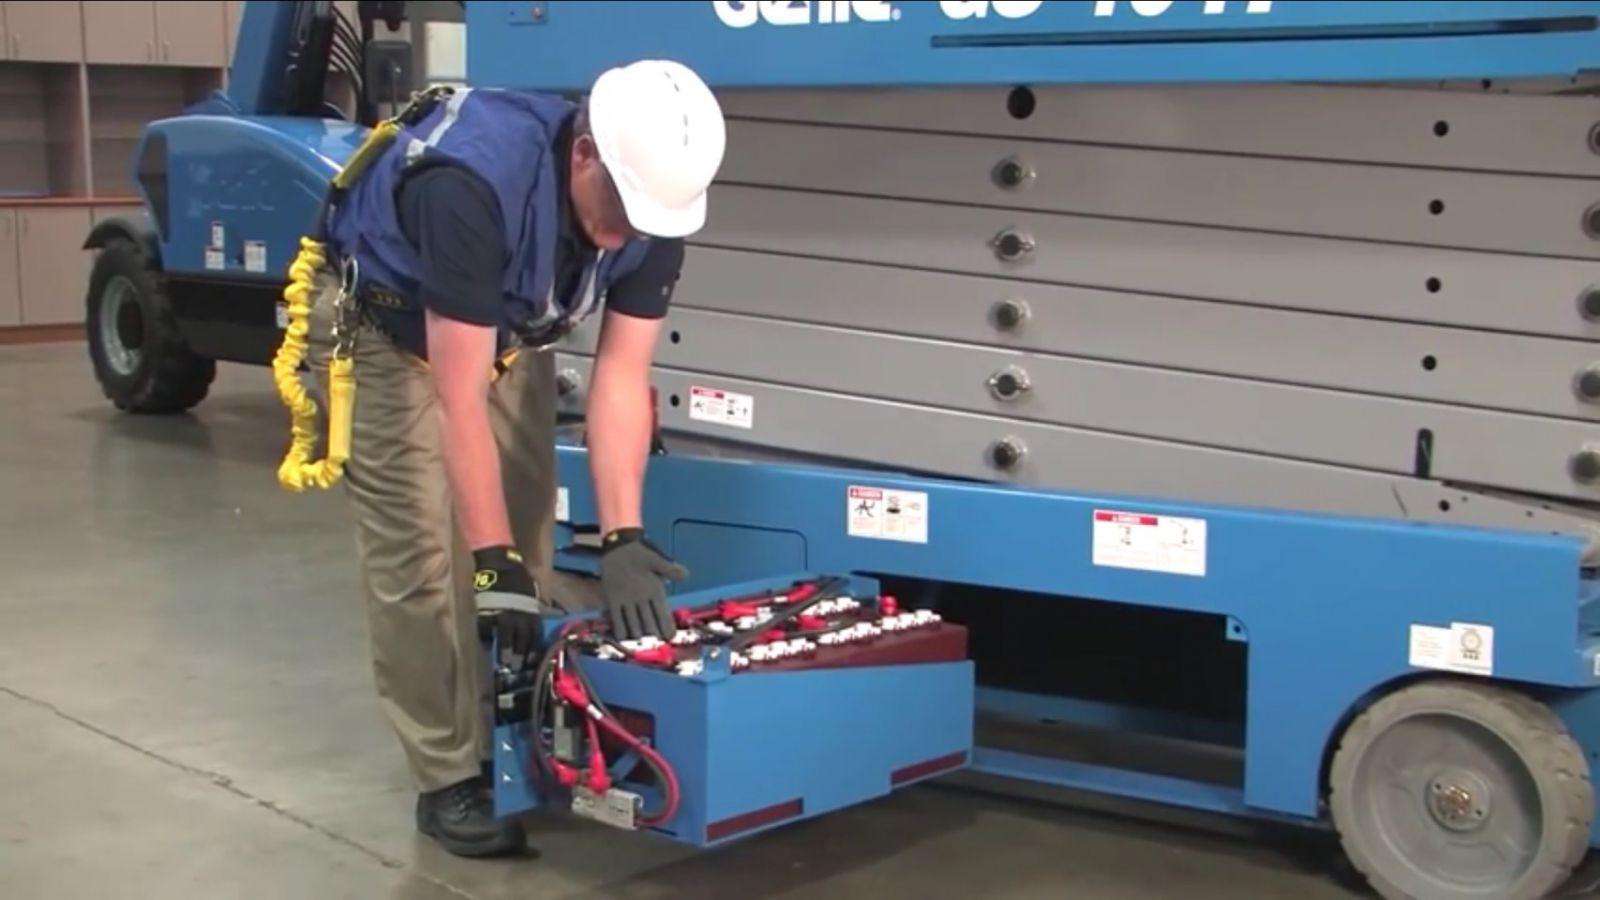 Mở hộc bình xe nâng người cắt kéo kiểm tra bình ắc quy và sạc